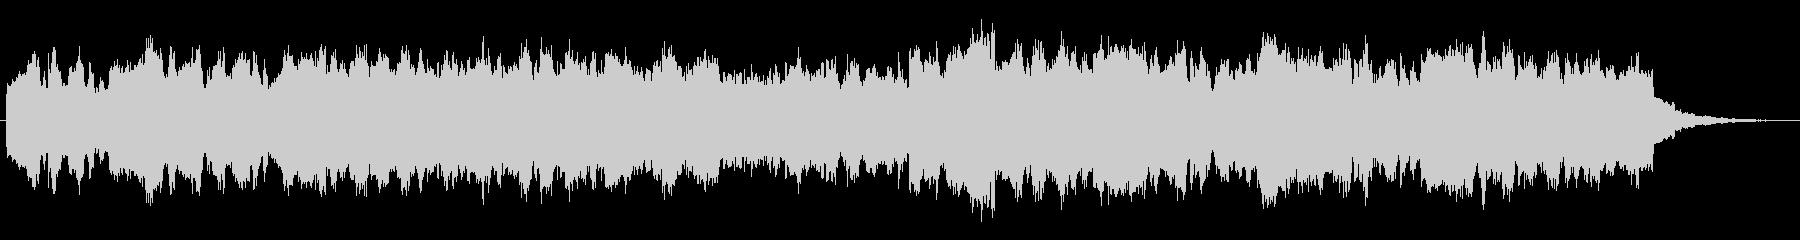 シンセブラスの印象的なジングルの未再生の波形